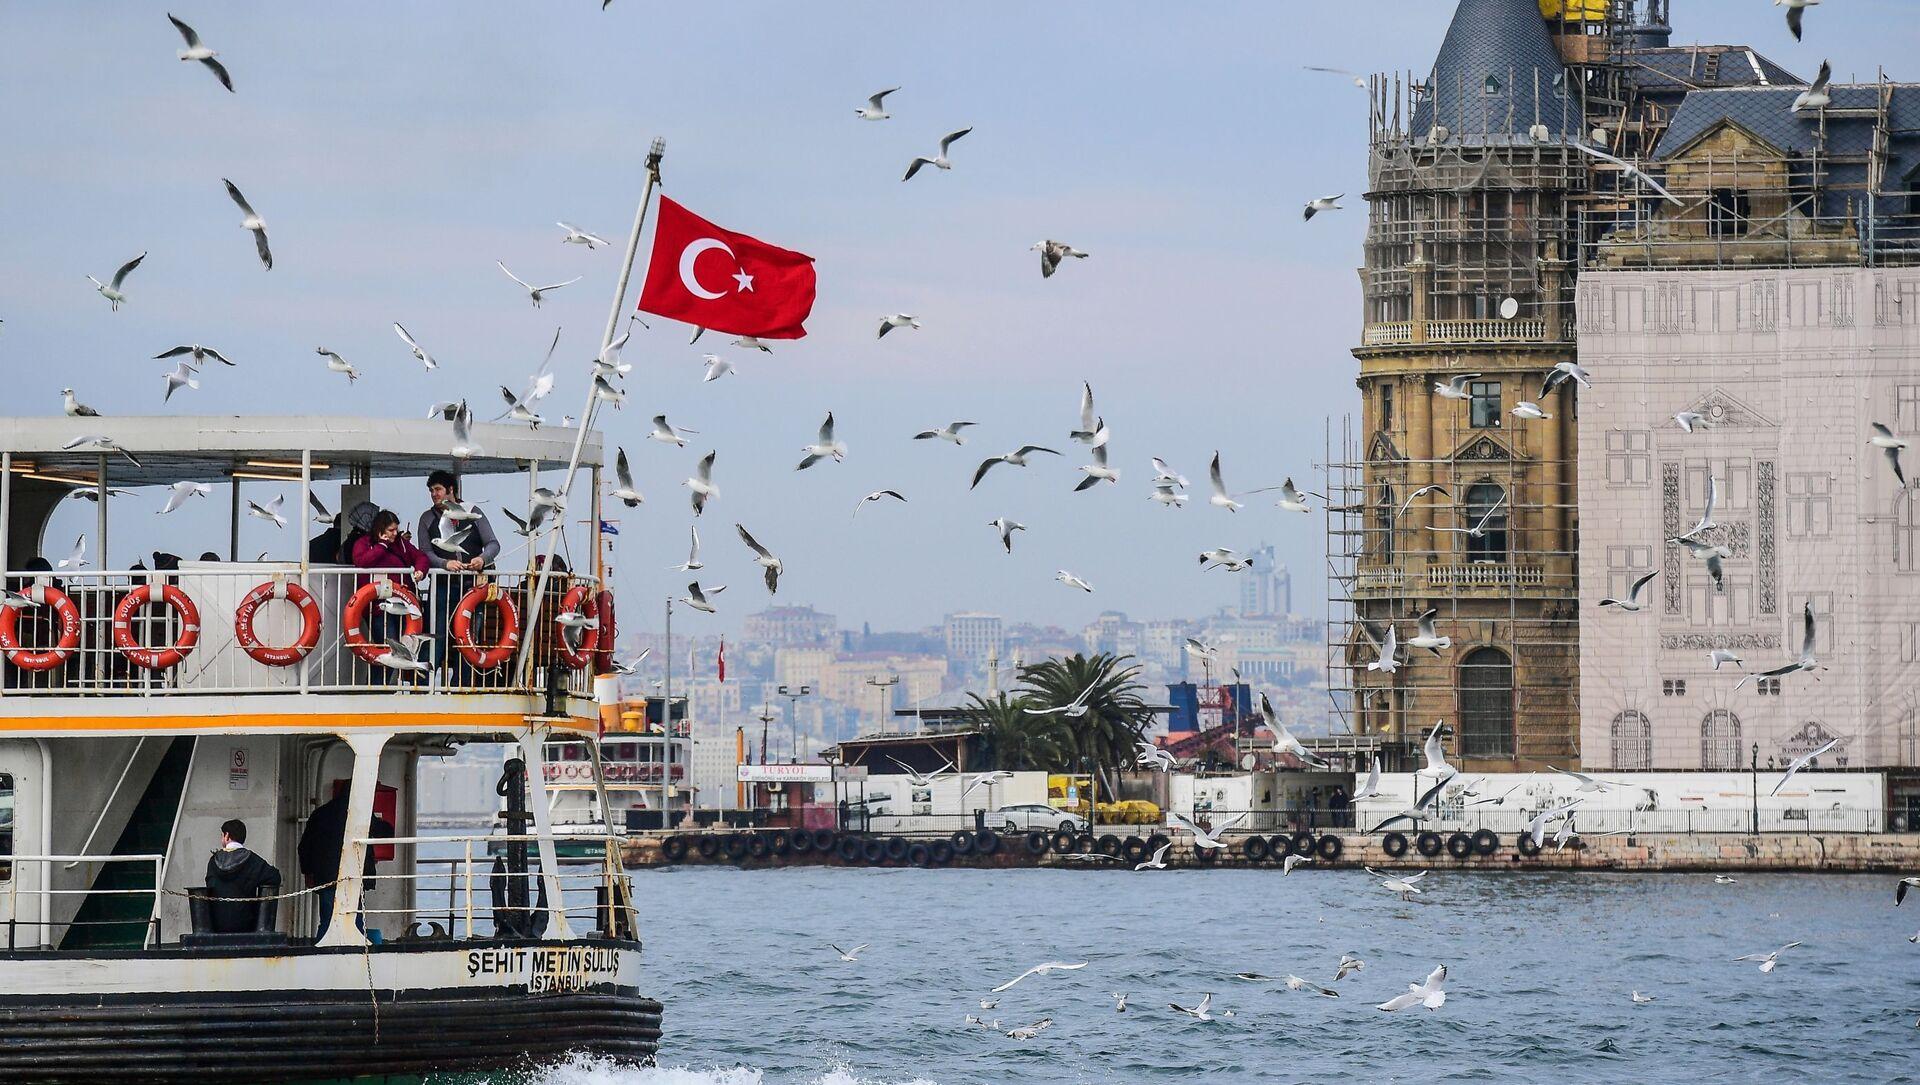 Turecka flaga w Stambule - Sputnik Polska, 1920, 10.04.2021